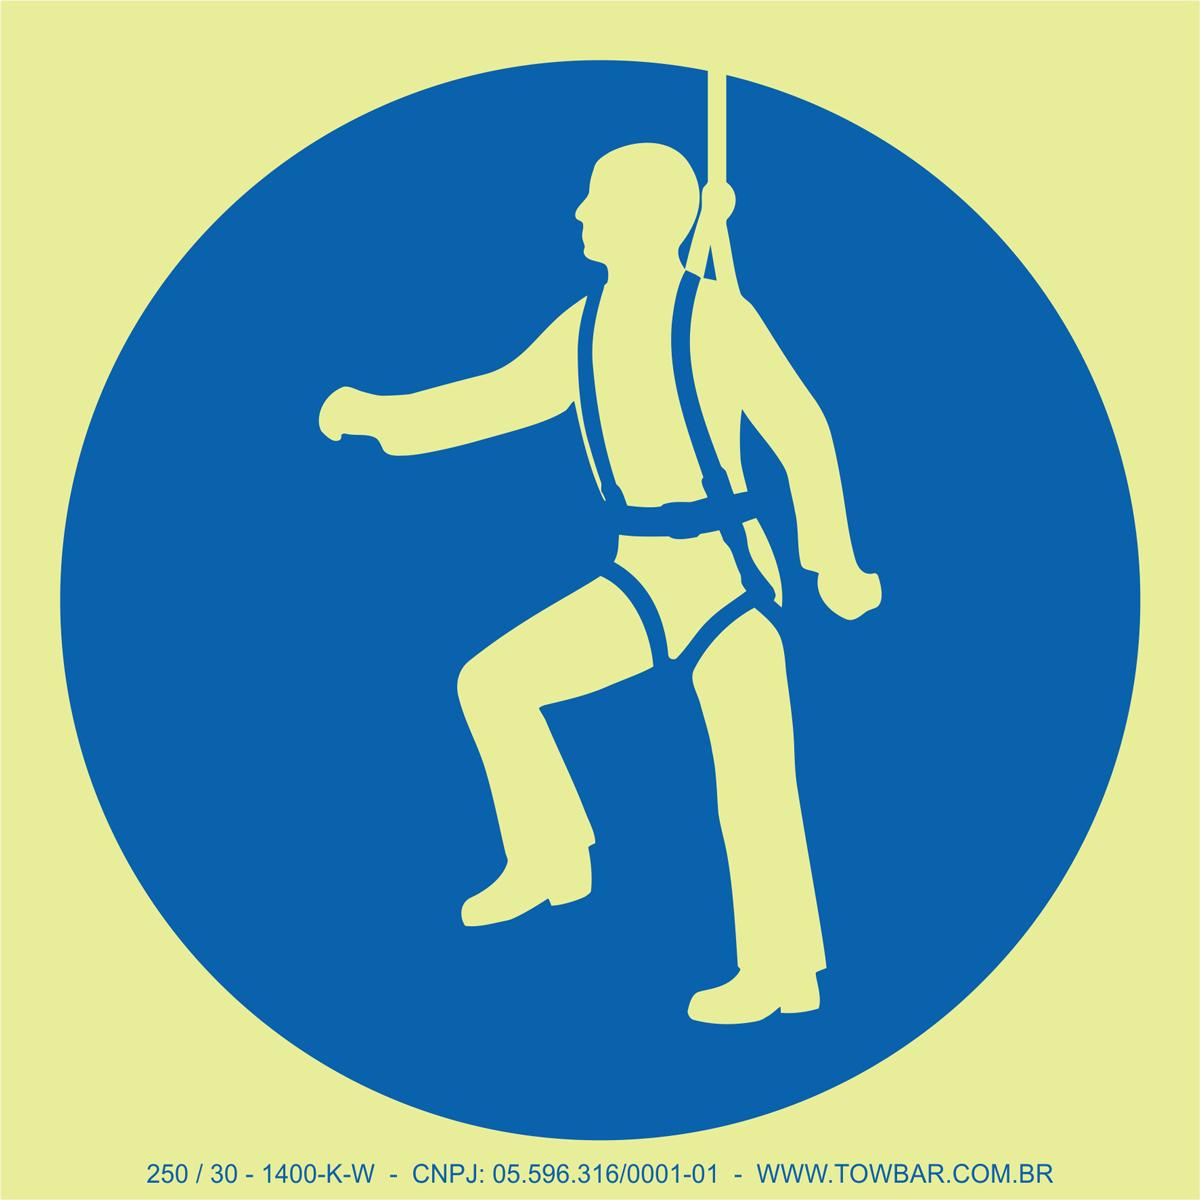 Wear Safety Harness  - Towbar Sinalização de Segurança